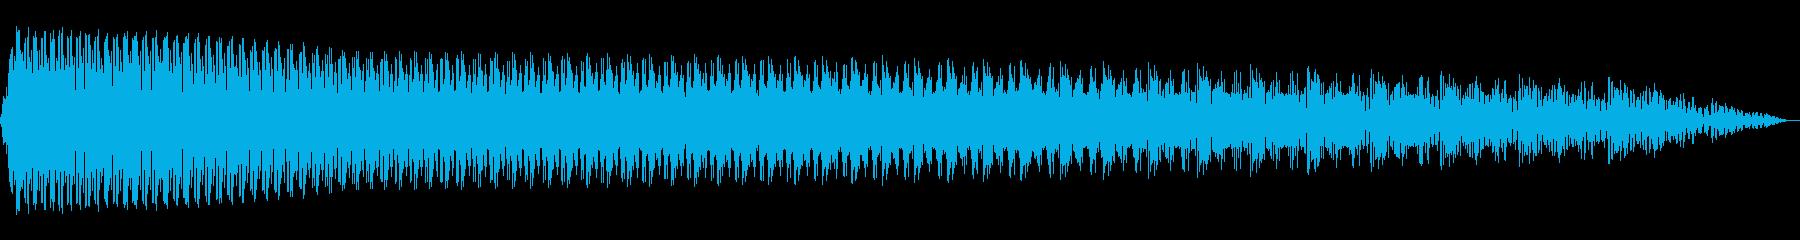 電動スワイプ4の再生済みの波形